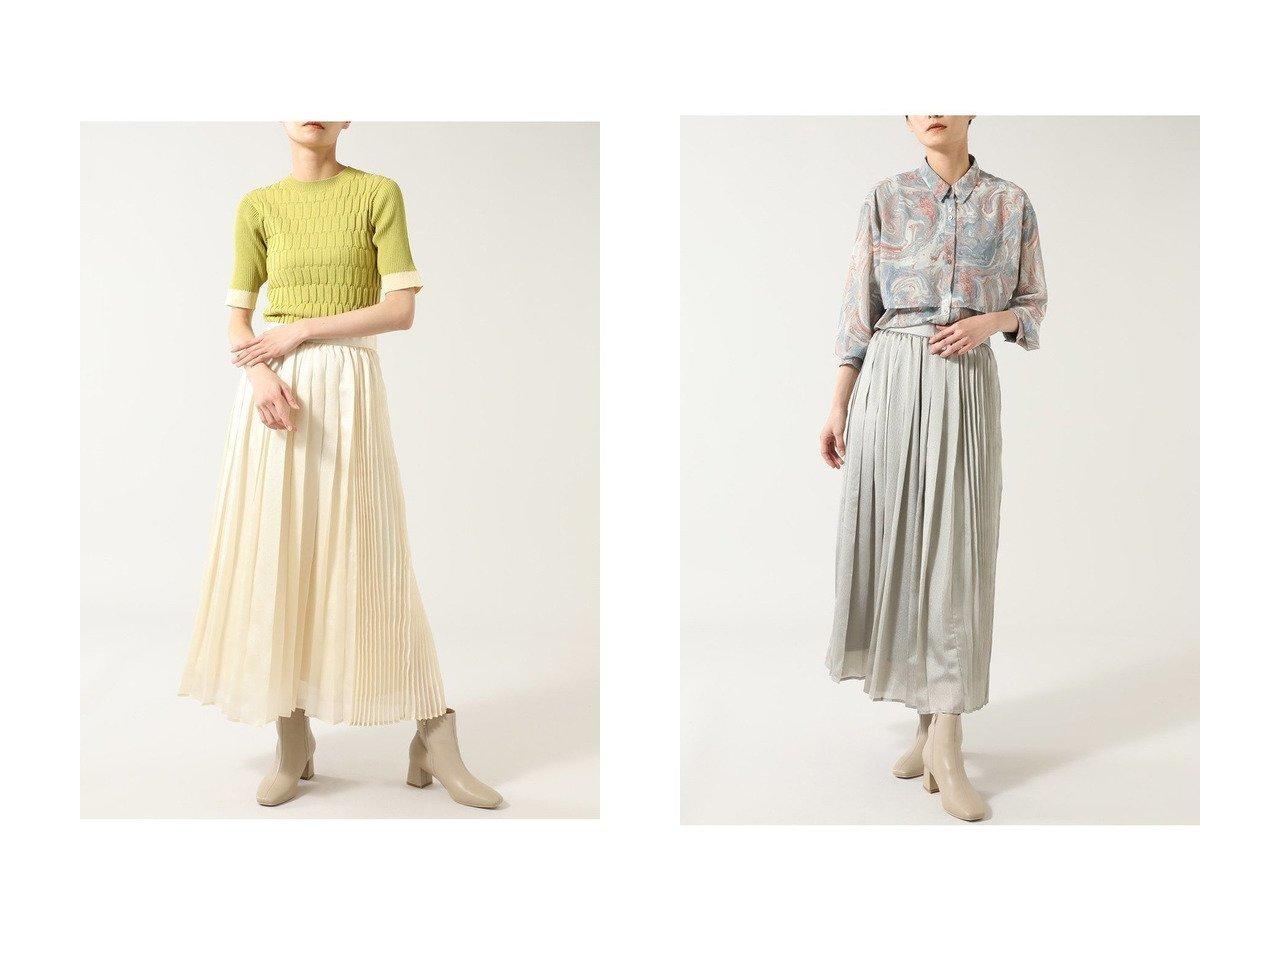 【ROSE BUD/ローズバッド】のアシメトリープリーツスカート 【スカート】おすすめ!人気、トレンド・レディースファッションの通販 おすすめで人気の流行・トレンド、ファッションの通販商品 メンズファッション・キッズファッション・インテリア・家具・レディースファッション・服の通販 founy(ファニー) https://founy.com/ ファッション Fashion レディースファッション WOMEN スカート Skirt プリーツスカート Pleated Skirts ロングスカート Long Skirt 2021年 2021 2021春夏・S/S SS/Spring/Summer/2021 S/S・春夏 SS・Spring/Summer プリーツ ロング 春 Spring |ID:crp329100000028438